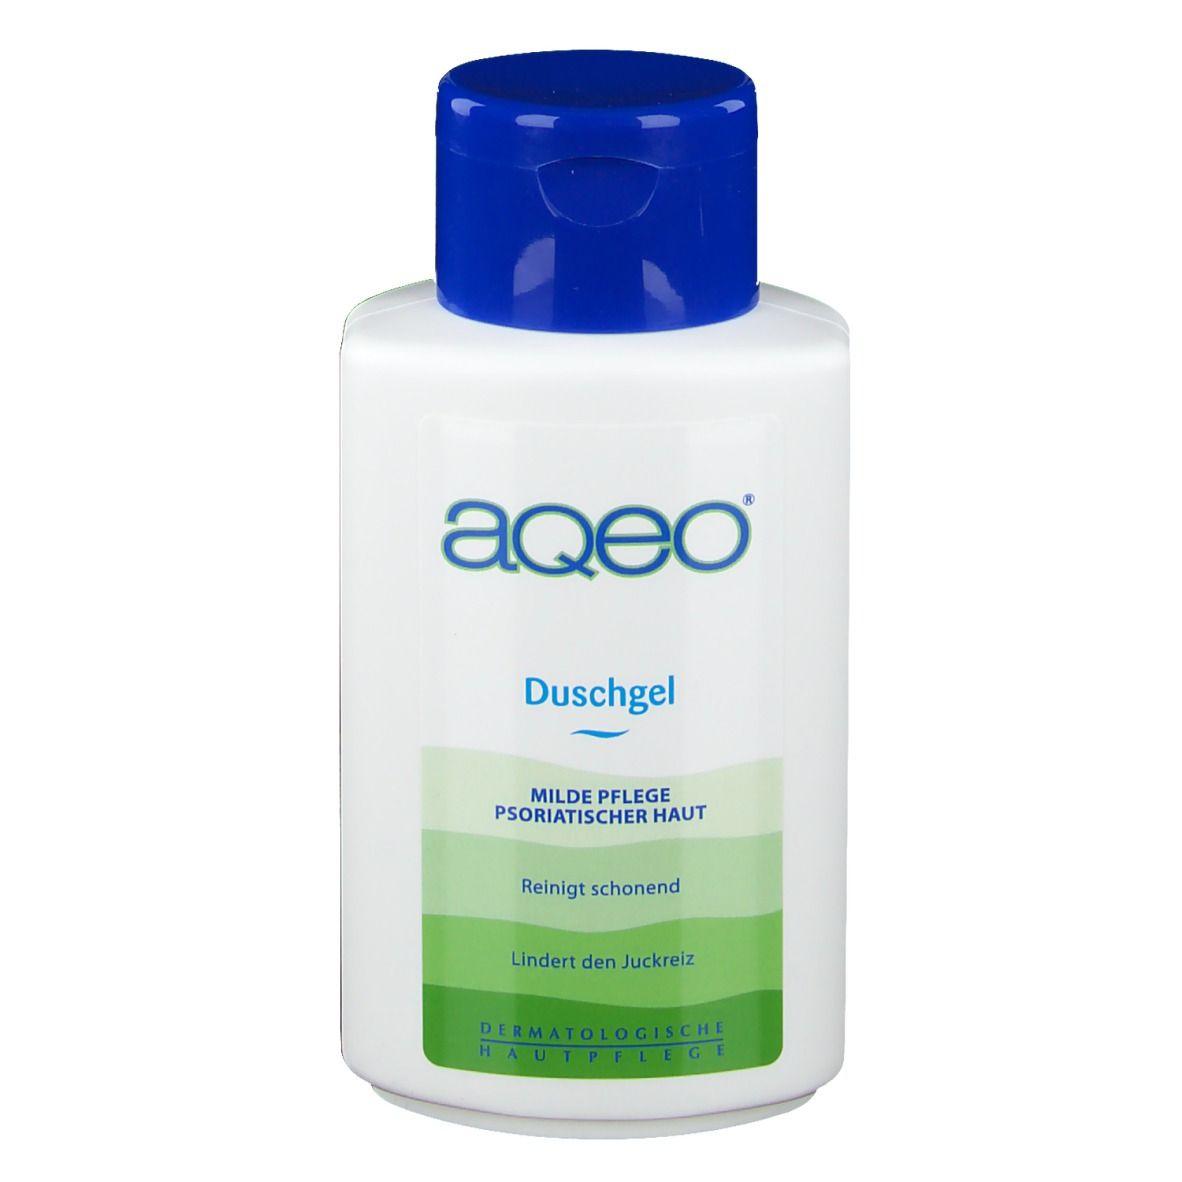 Image of aqeo Duschgel